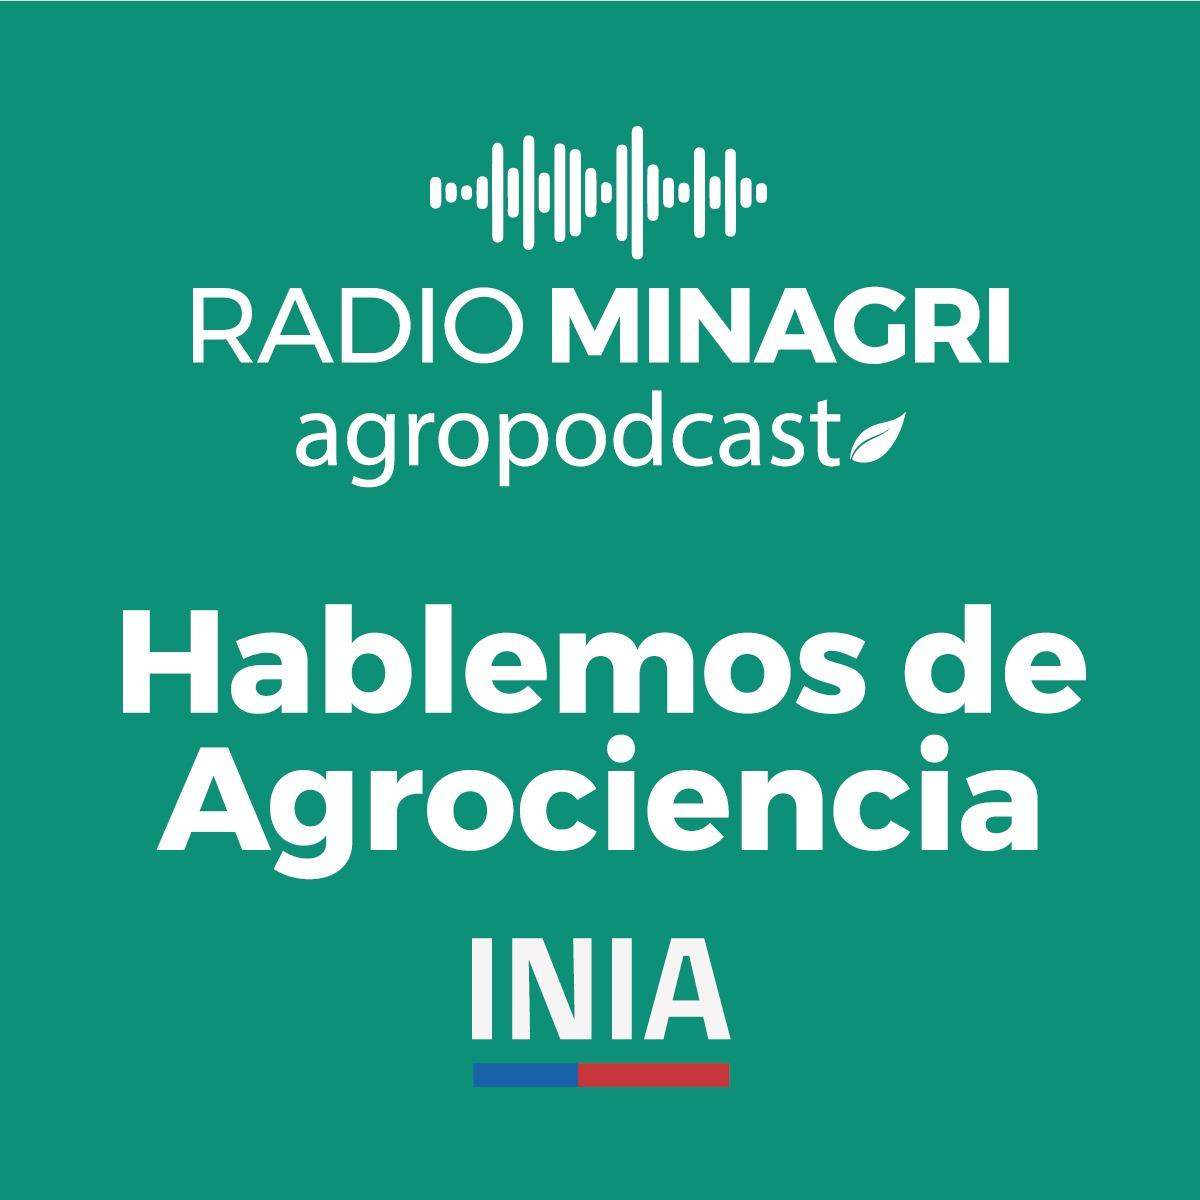 Hablemos de Agrociencia – Episodio 12: Quemas agrícolas